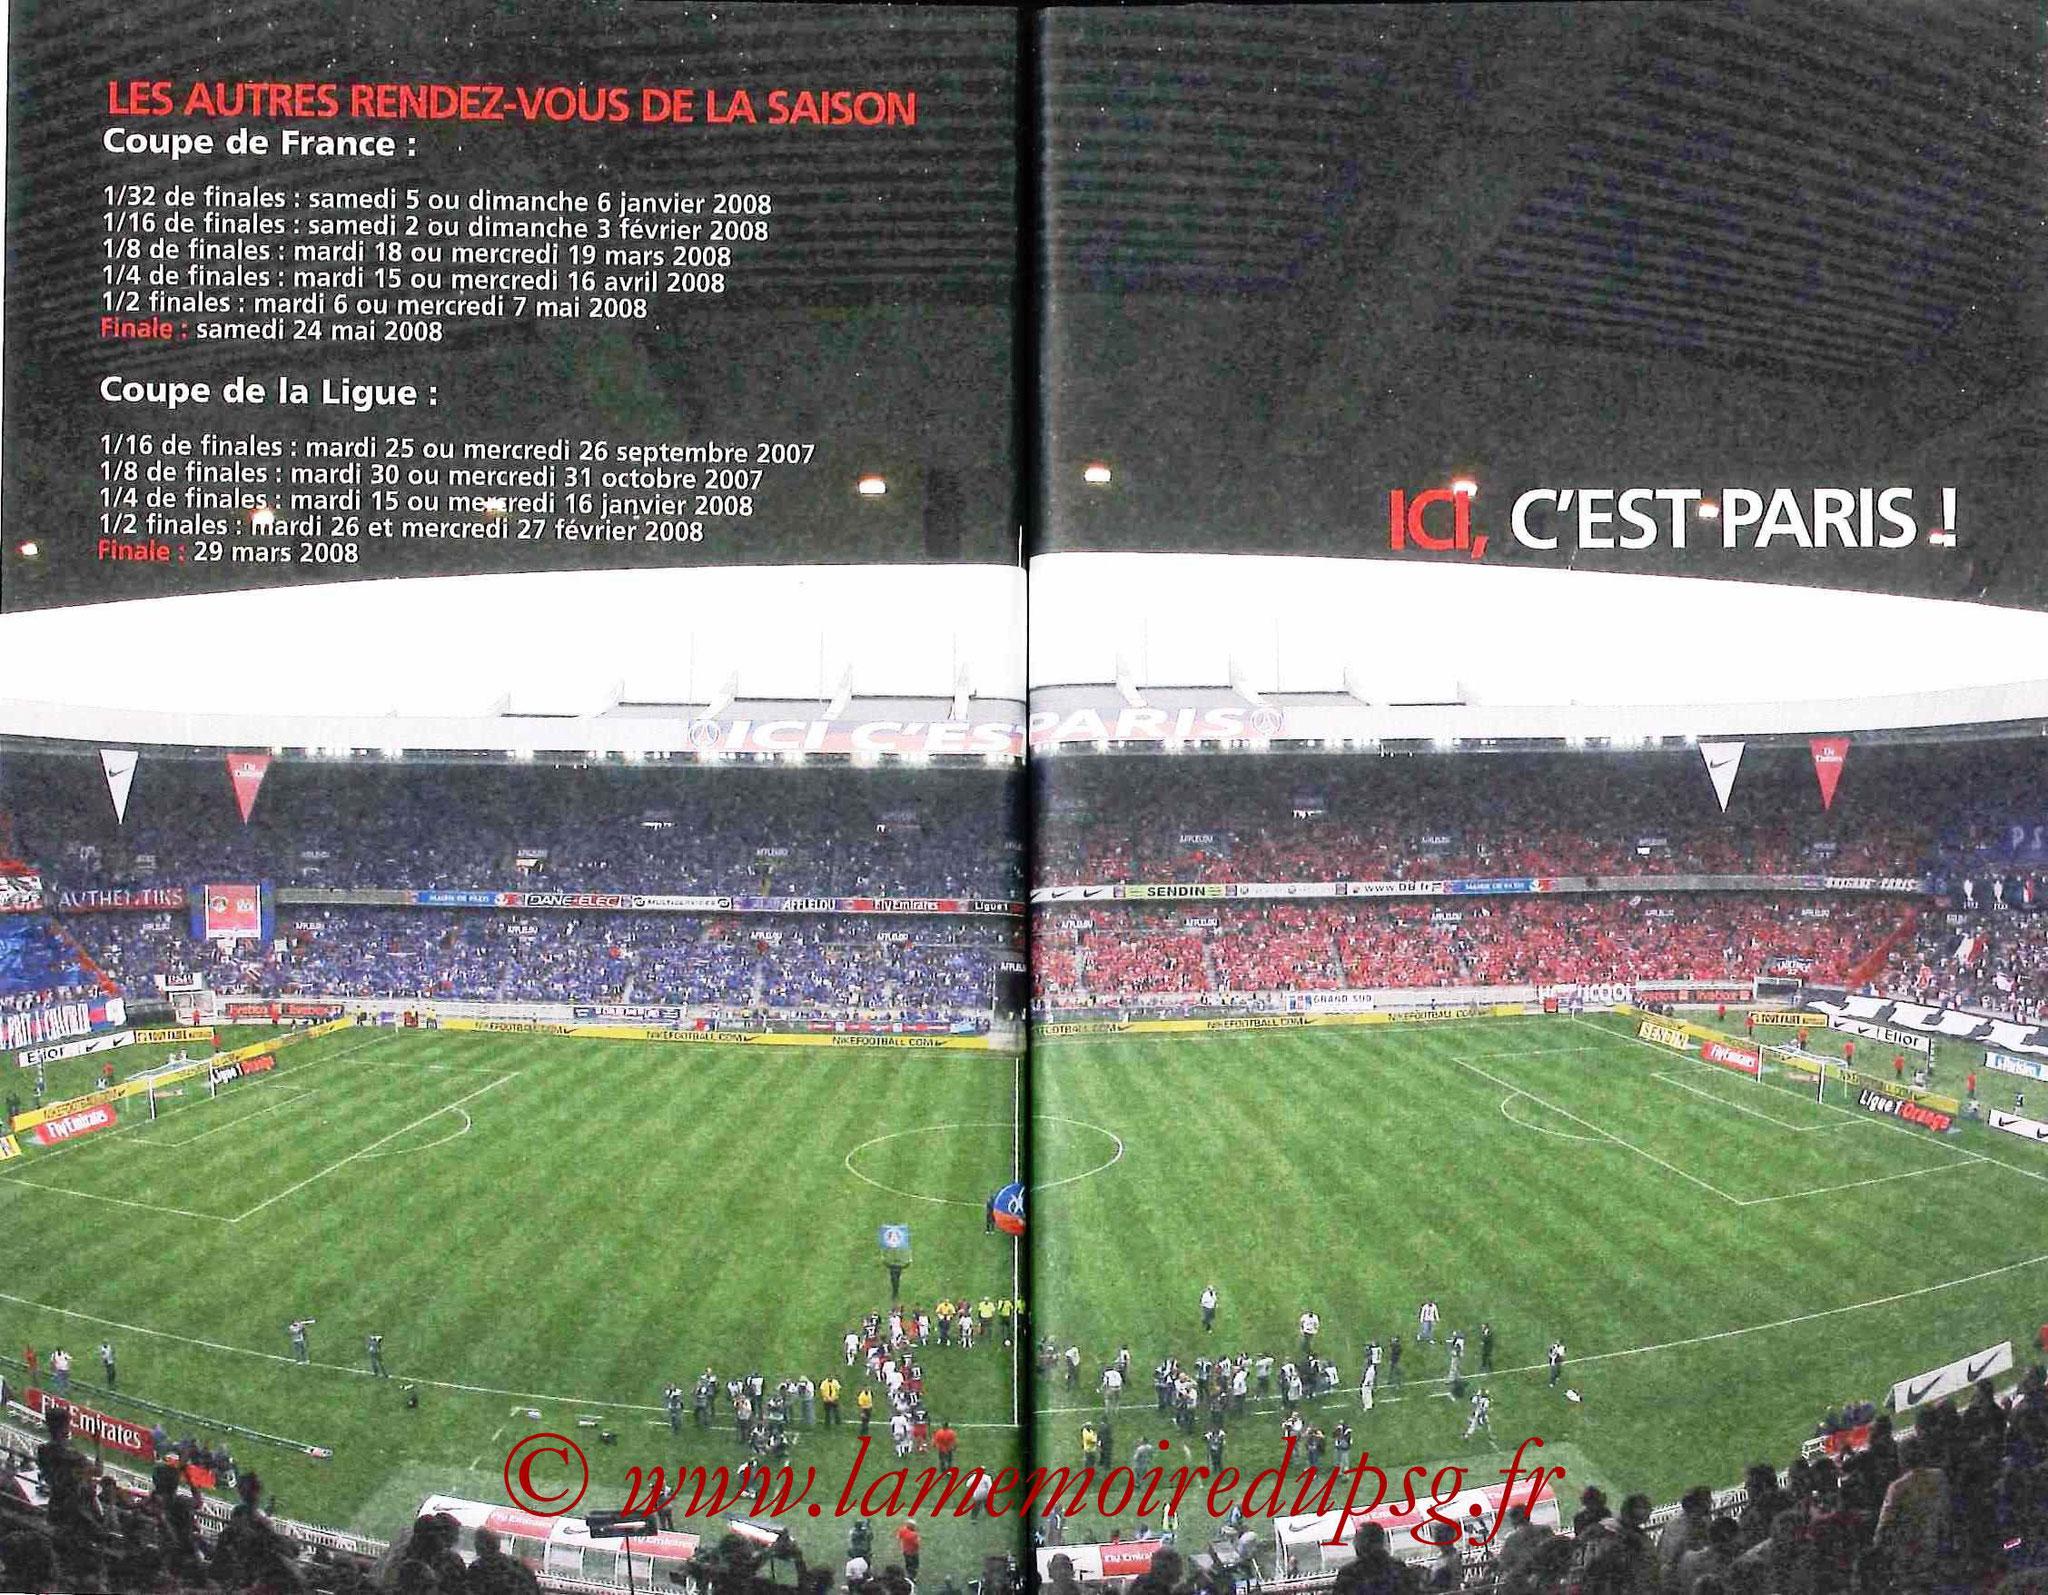 2007-08 - Guide de la Saison PSG - Pages 94 et 95